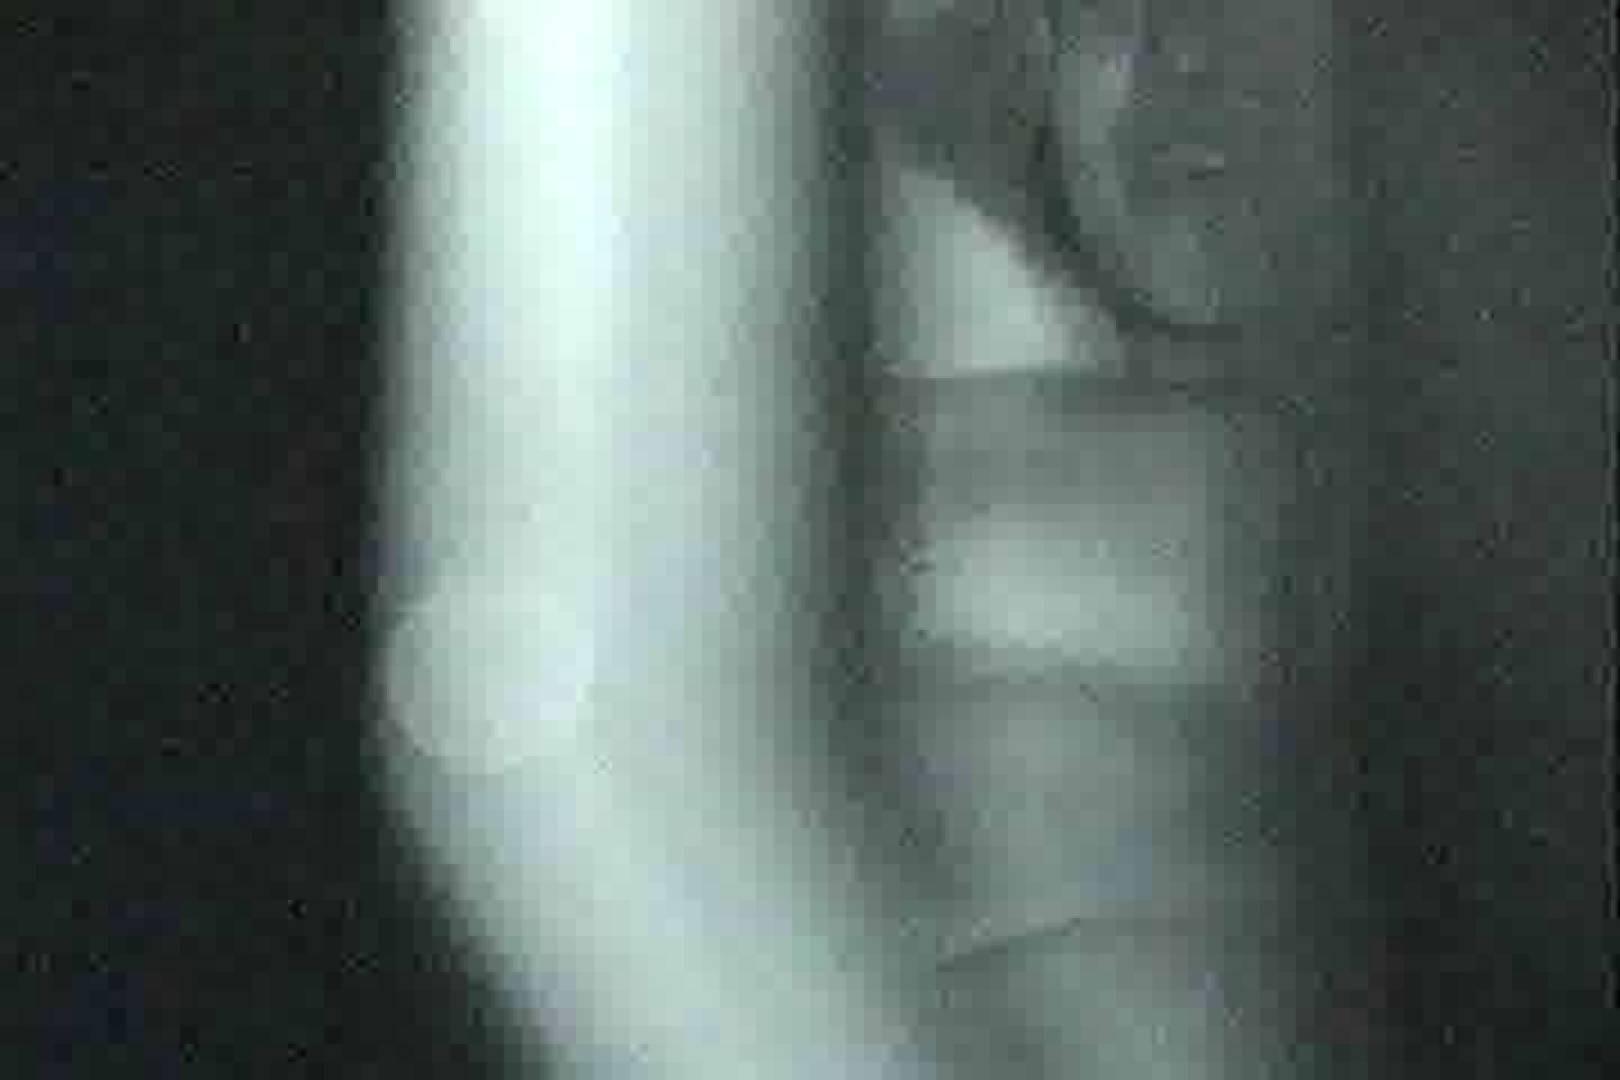 充血監督の深夜の運動会Vol.18 HなOL エロ画像 109pic 20